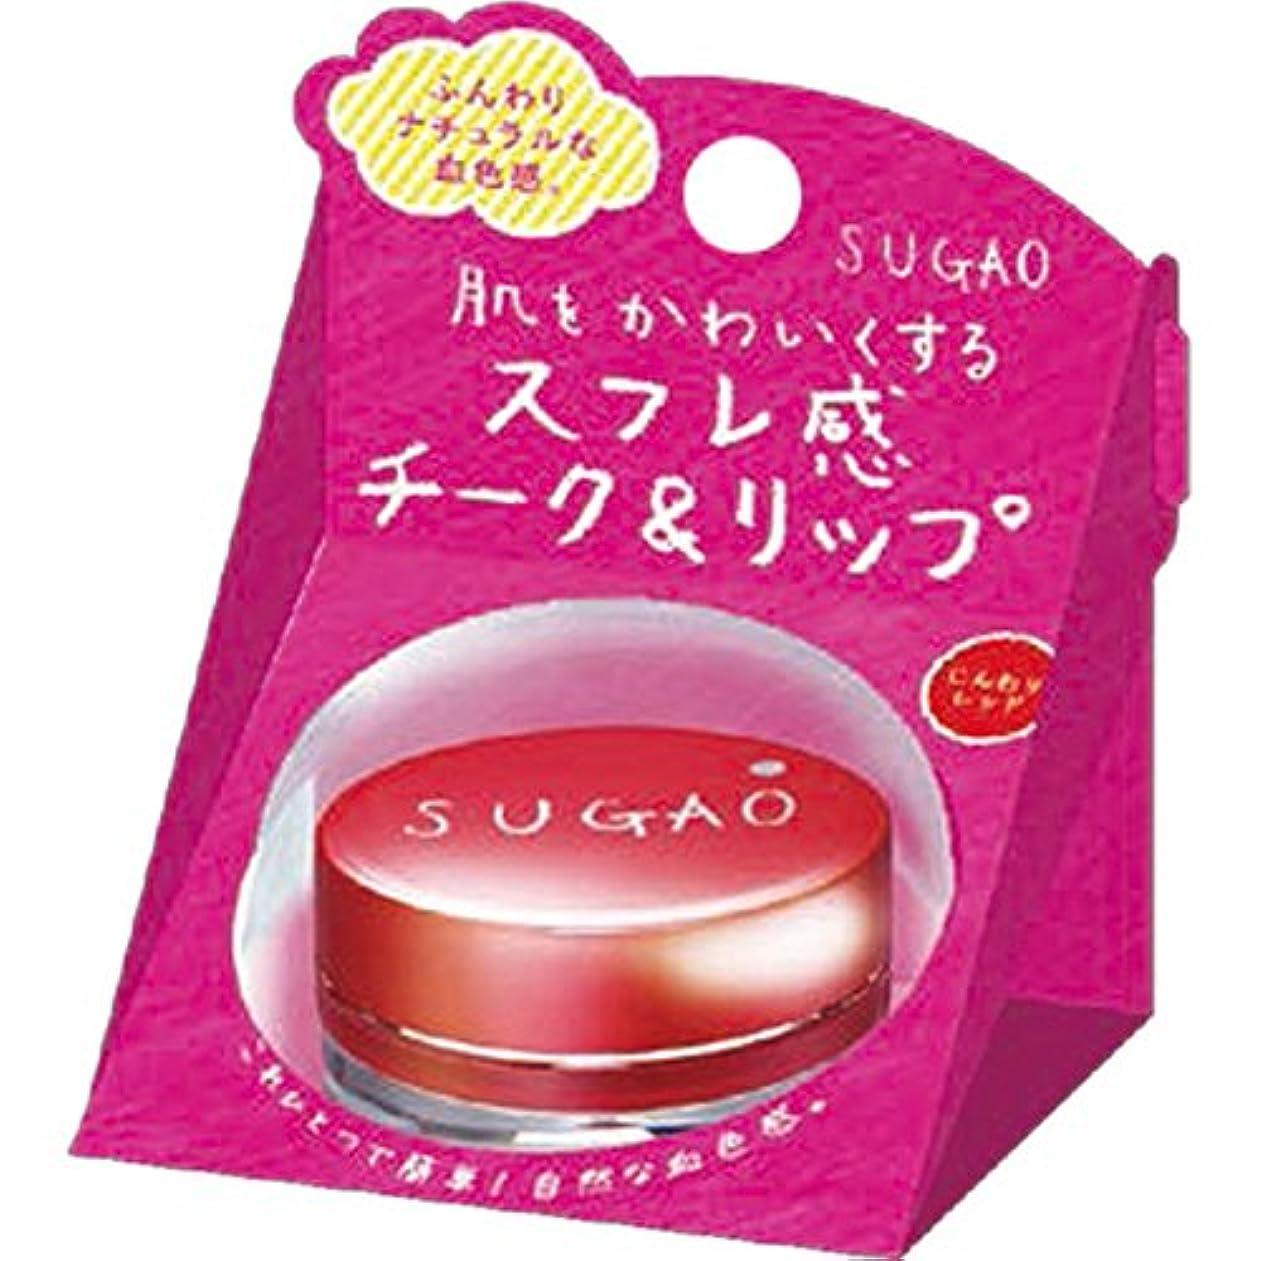 ブルームキャベツペニースガオ (SUGAO) スフレ感 チーク&リップ じんわりレッド 6.5g